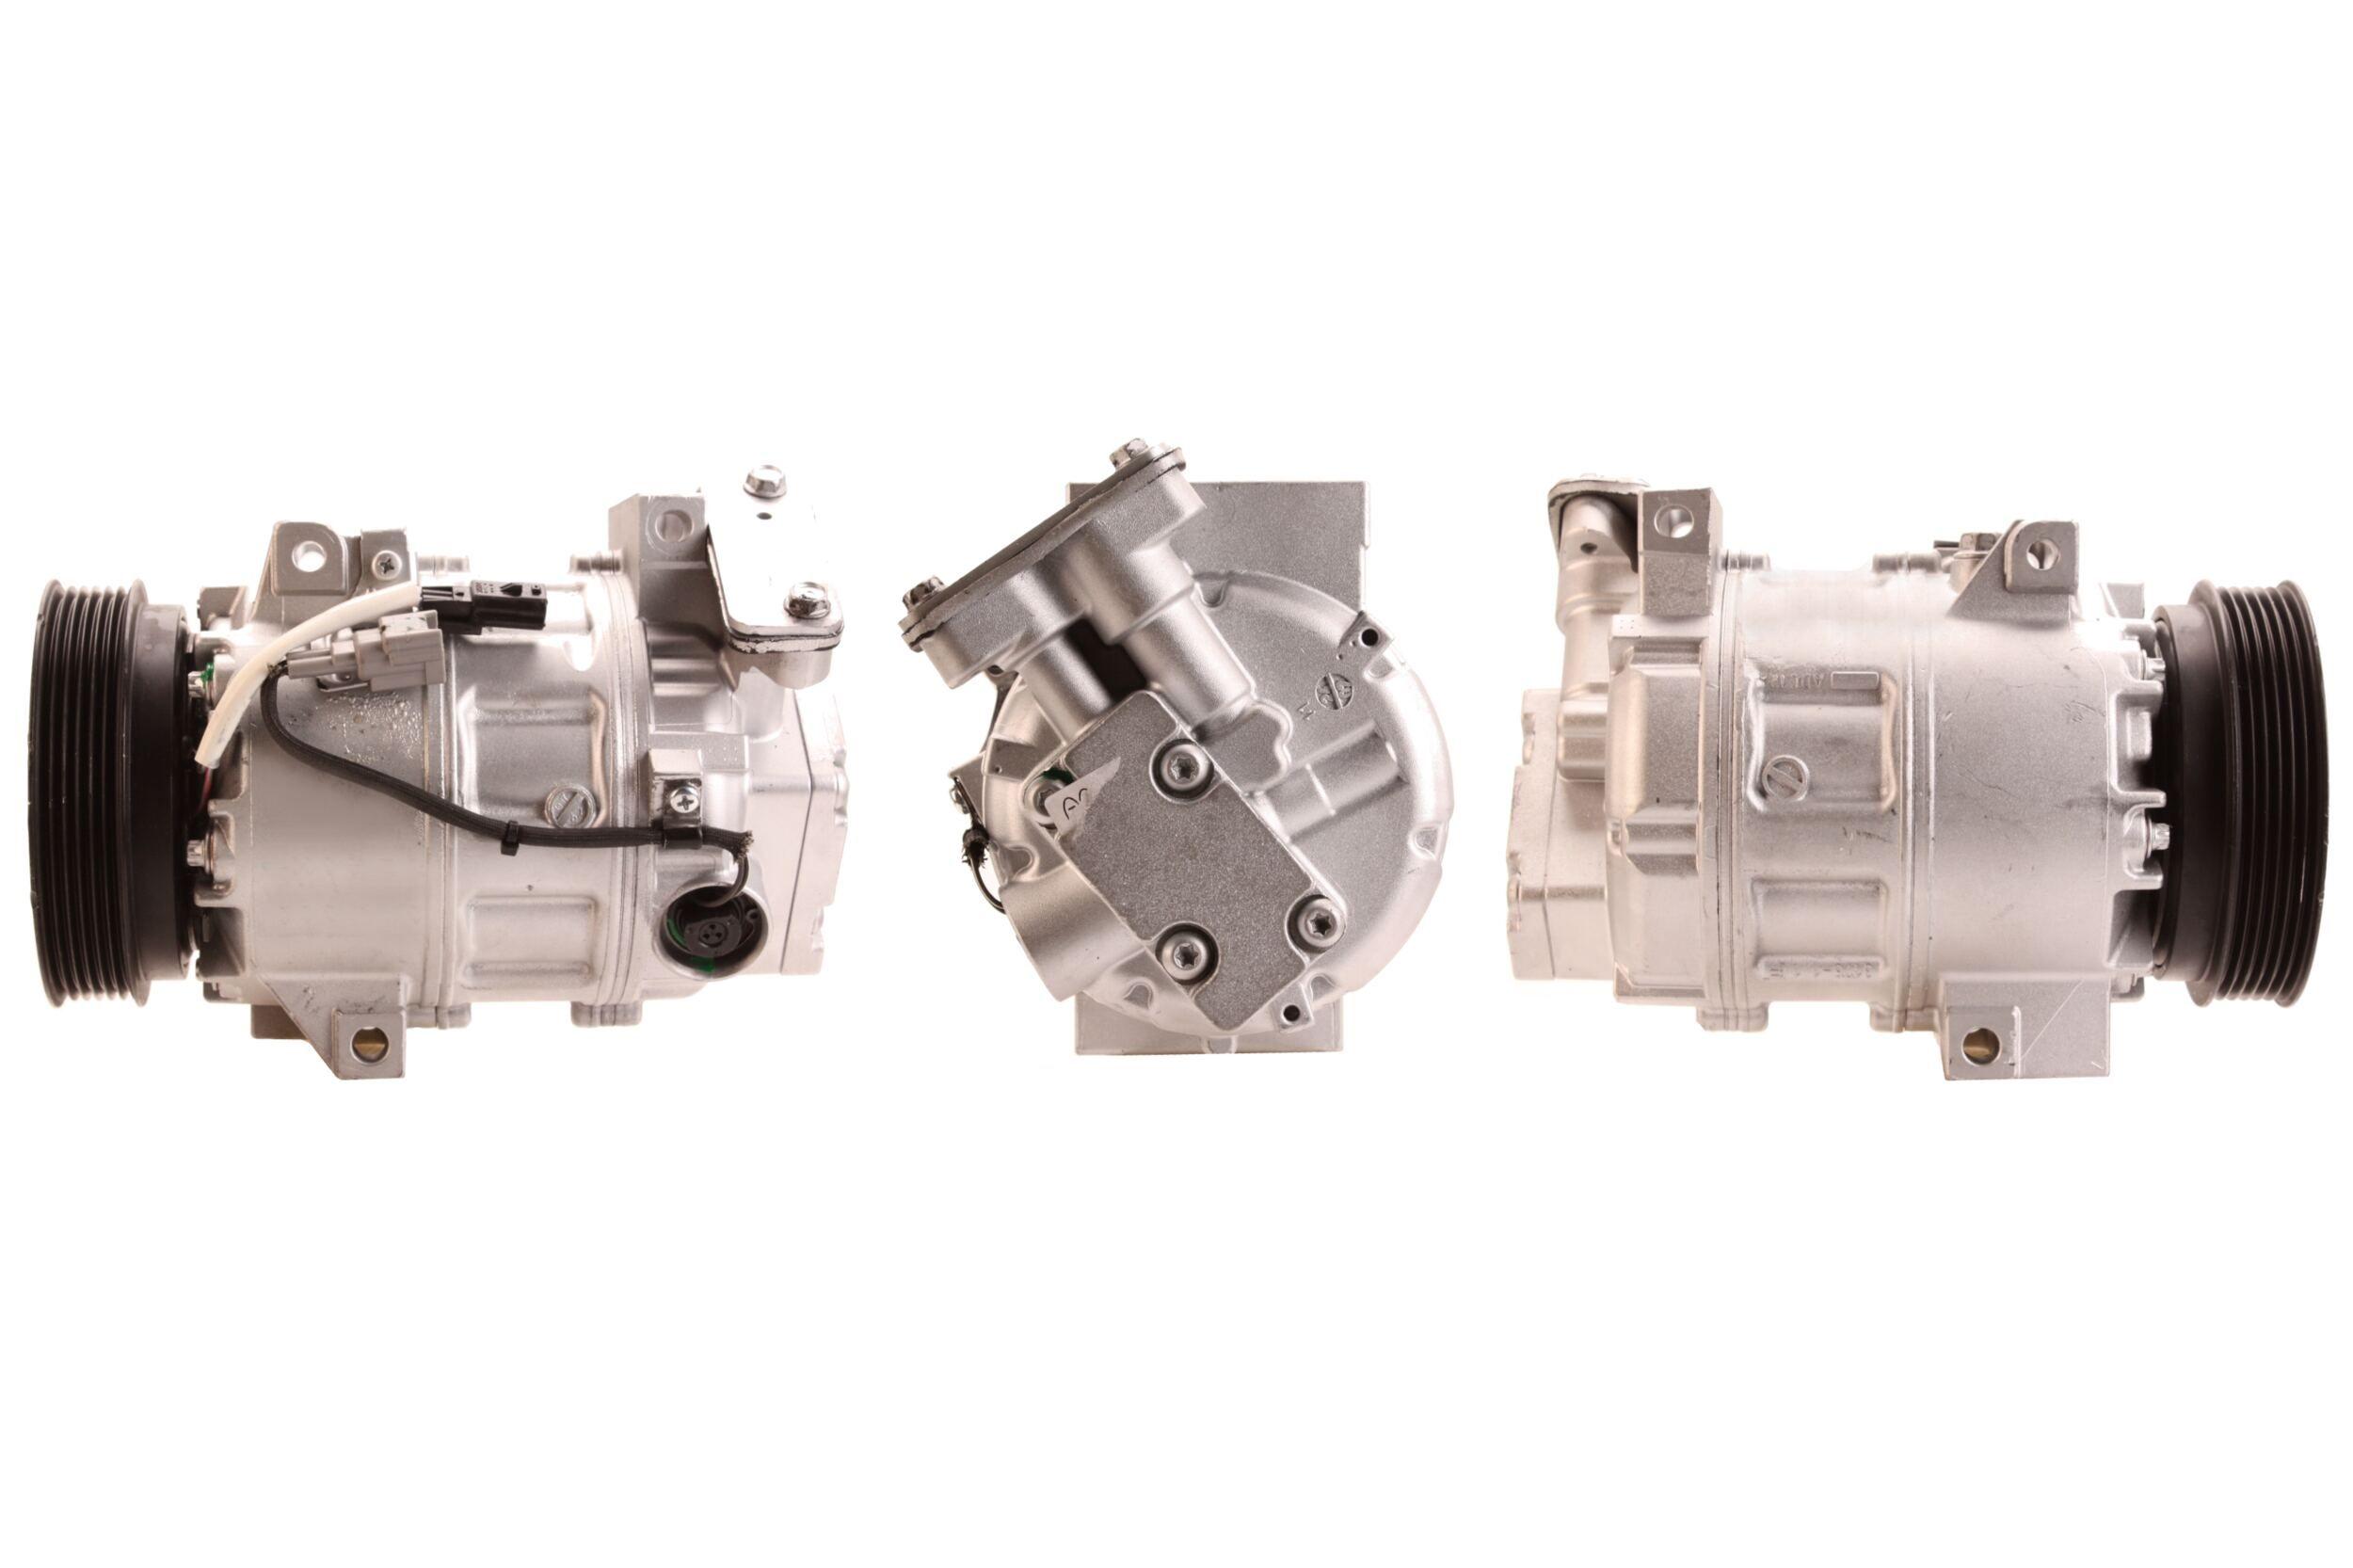 51-0591 ELSTOCK PAG 46, Kältemittel: R 134a Riemenscheiben-Ø: 120mm, Anzahl der Rillen: 6 Klimakompressor 51-0591 günstig kaufen